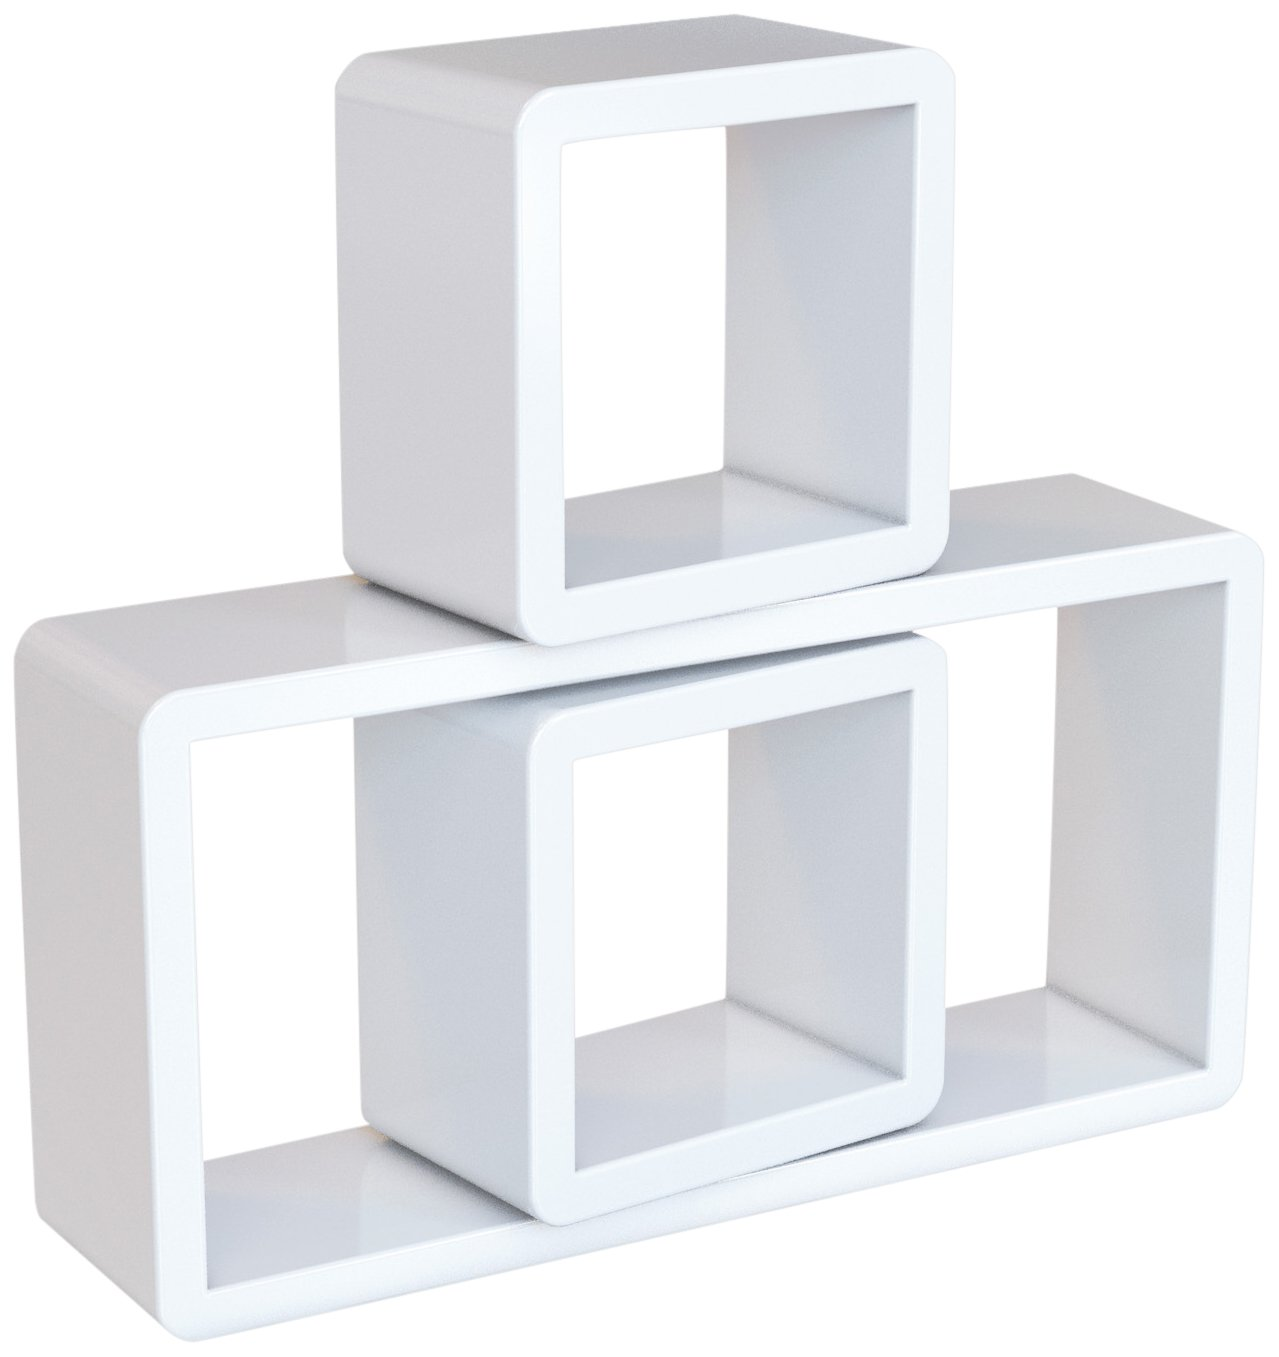 SONGMICS Wall Shelves Set of 3 Cube Floating Shelves Storage MDF Display Weight Capacity 15 kg  sc 1 st  Amazon UK & Storage Wall Shelf: Amazon.co.uk